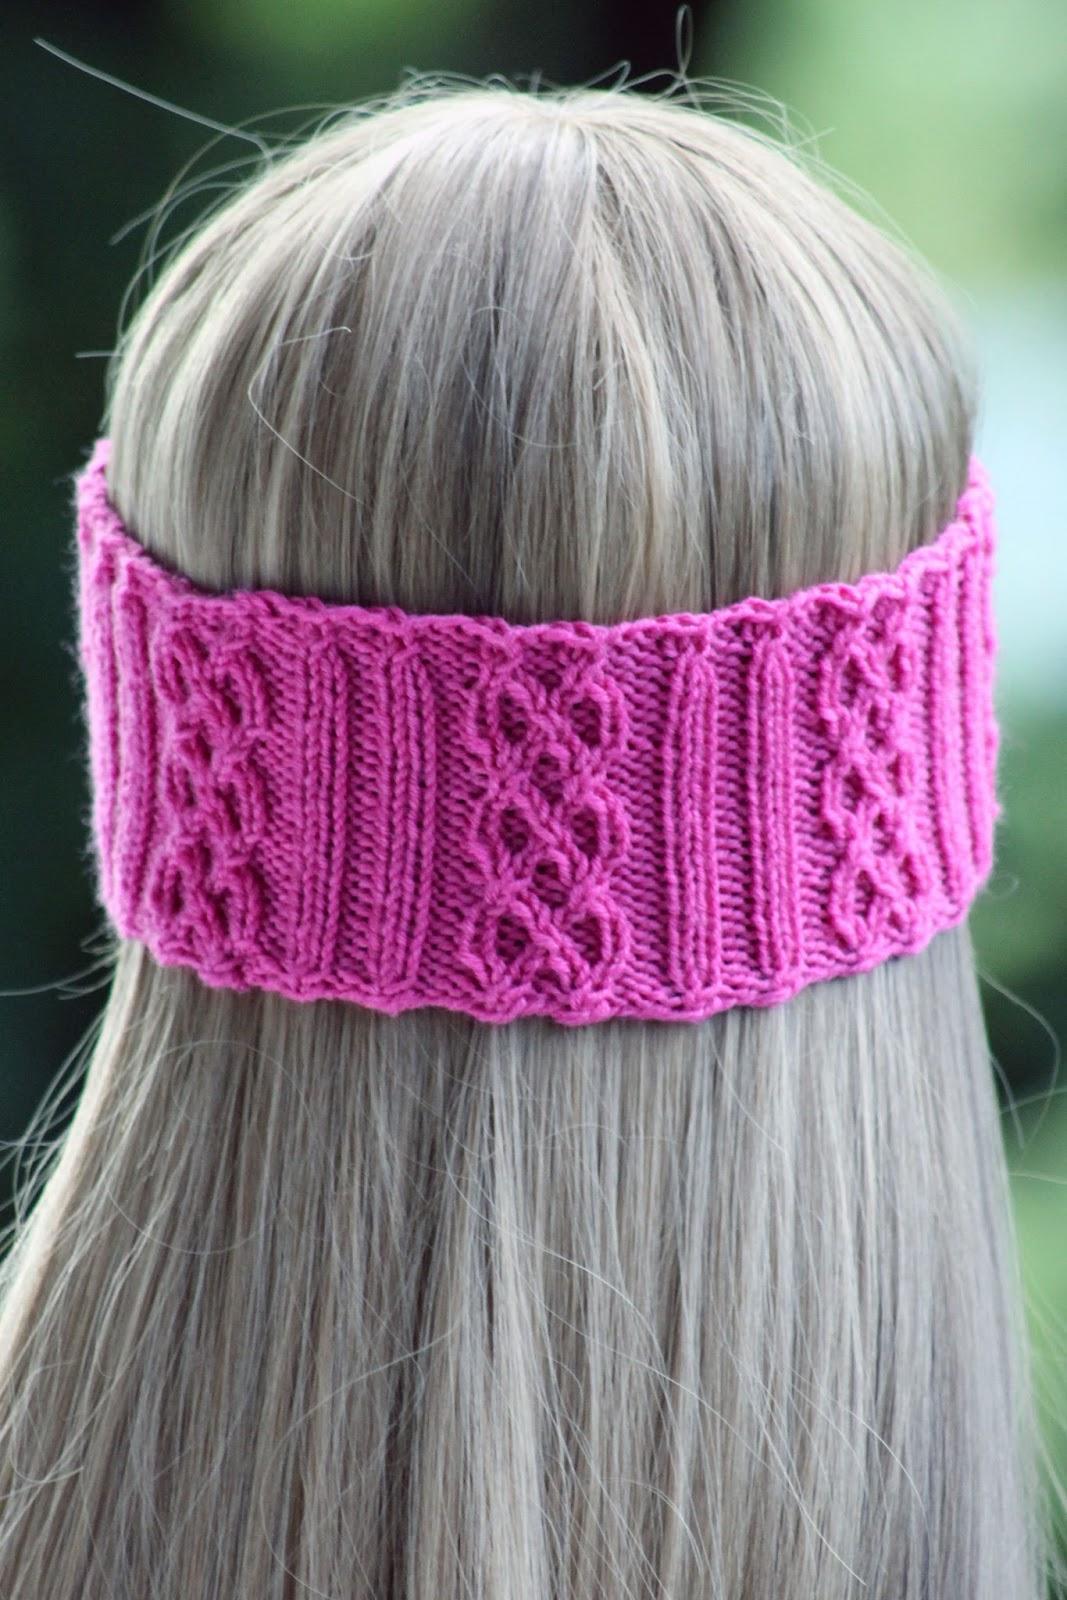 Balls to the Walls Knits: Rib & Braid Headband